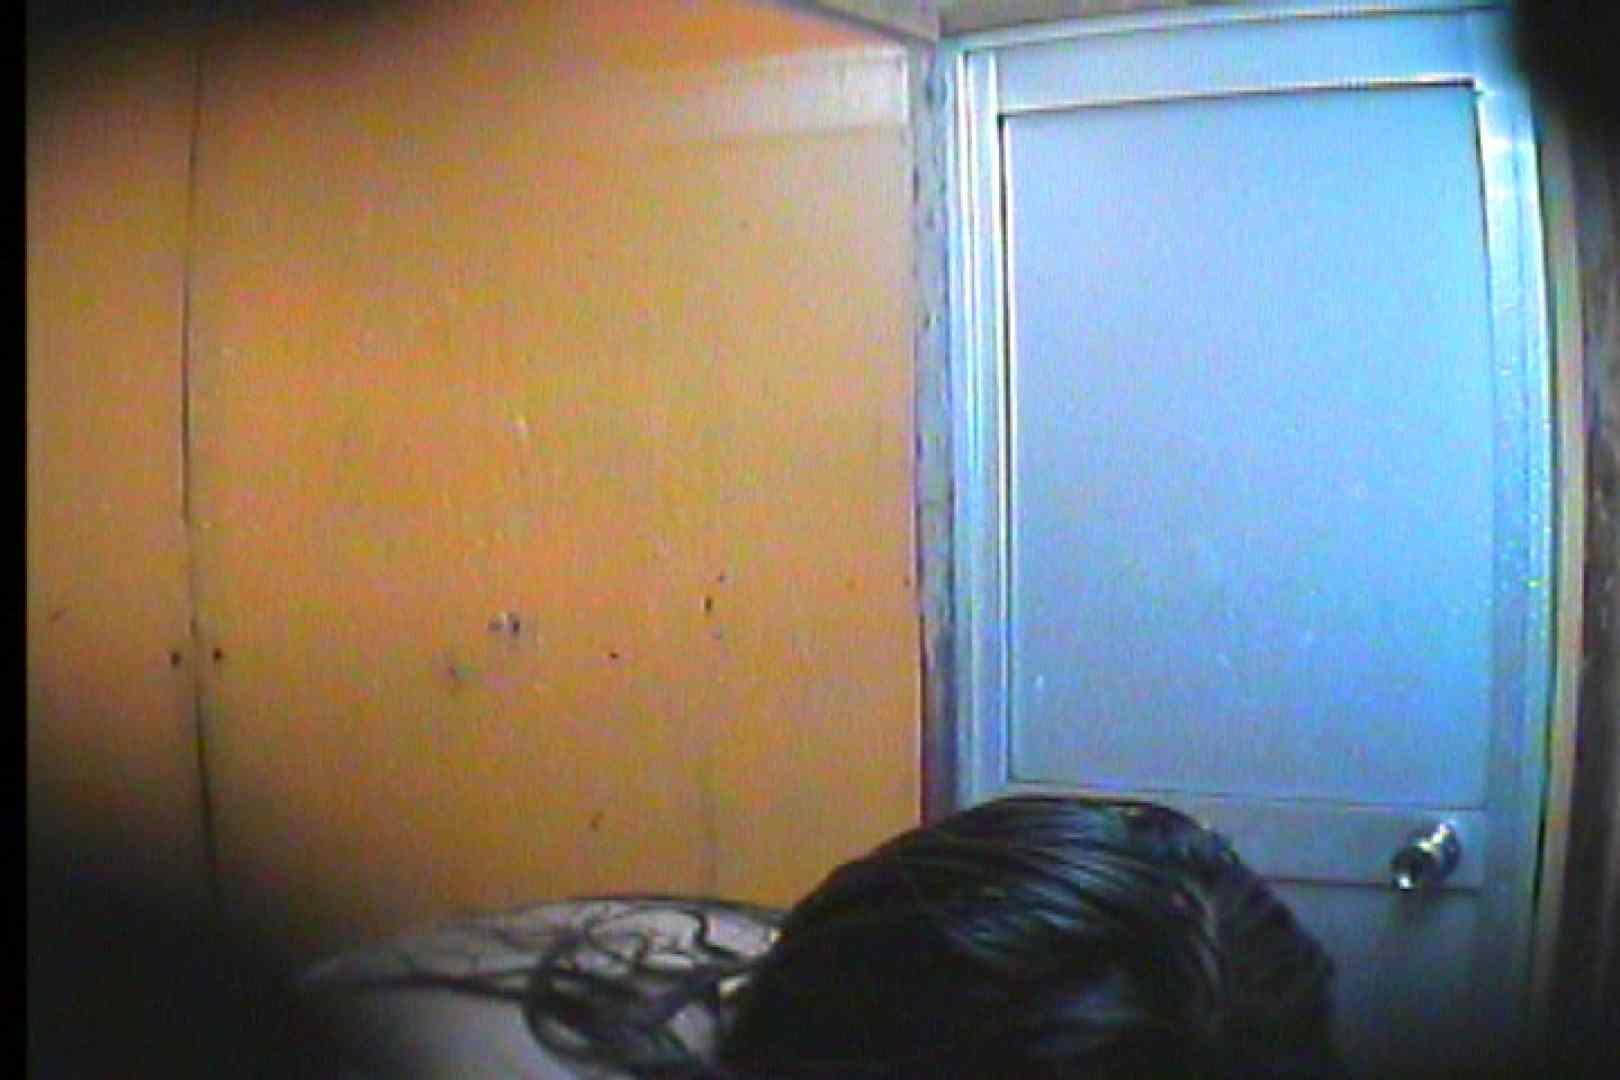 海の家の更衣室 Vol.46 美肌 おめこ無修正画像 82画像 10